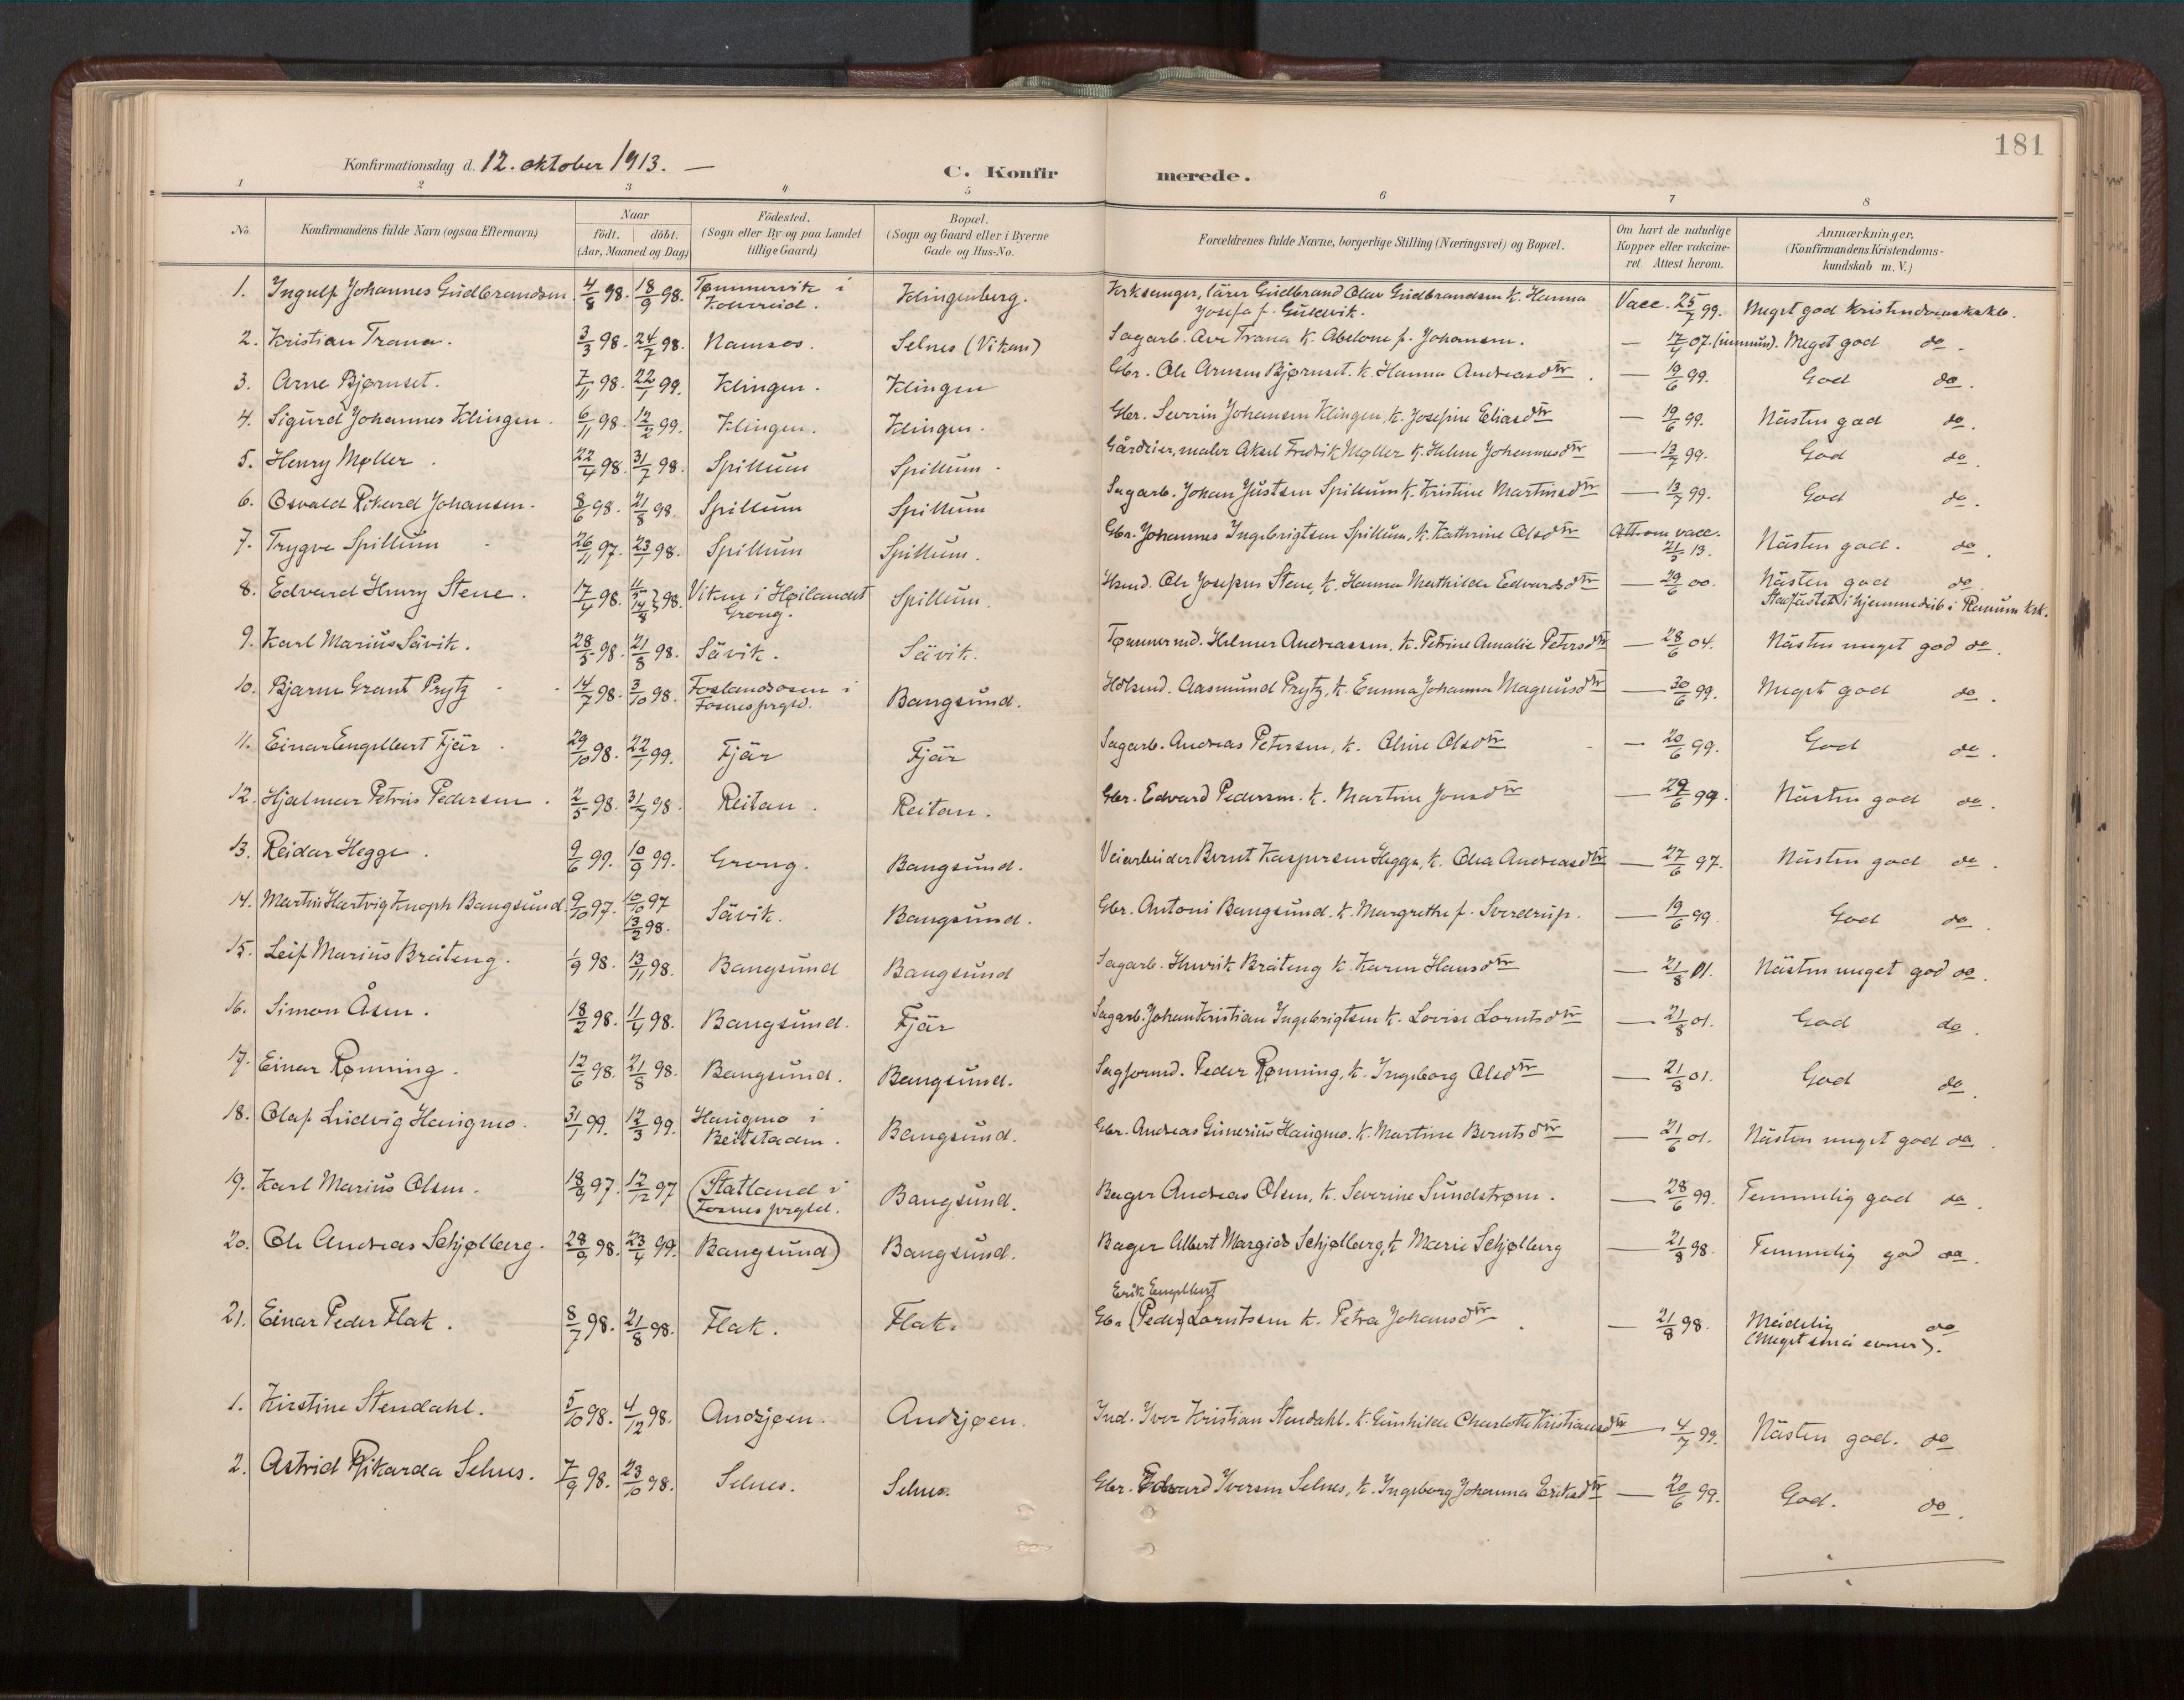 SAT, Ministerialprotokoller, klokkerbøker og fødselsregistre - Nord-Trøndelag, 770/L0589: Ministerialbok nr. 770A03, 1887-1929, s. 181